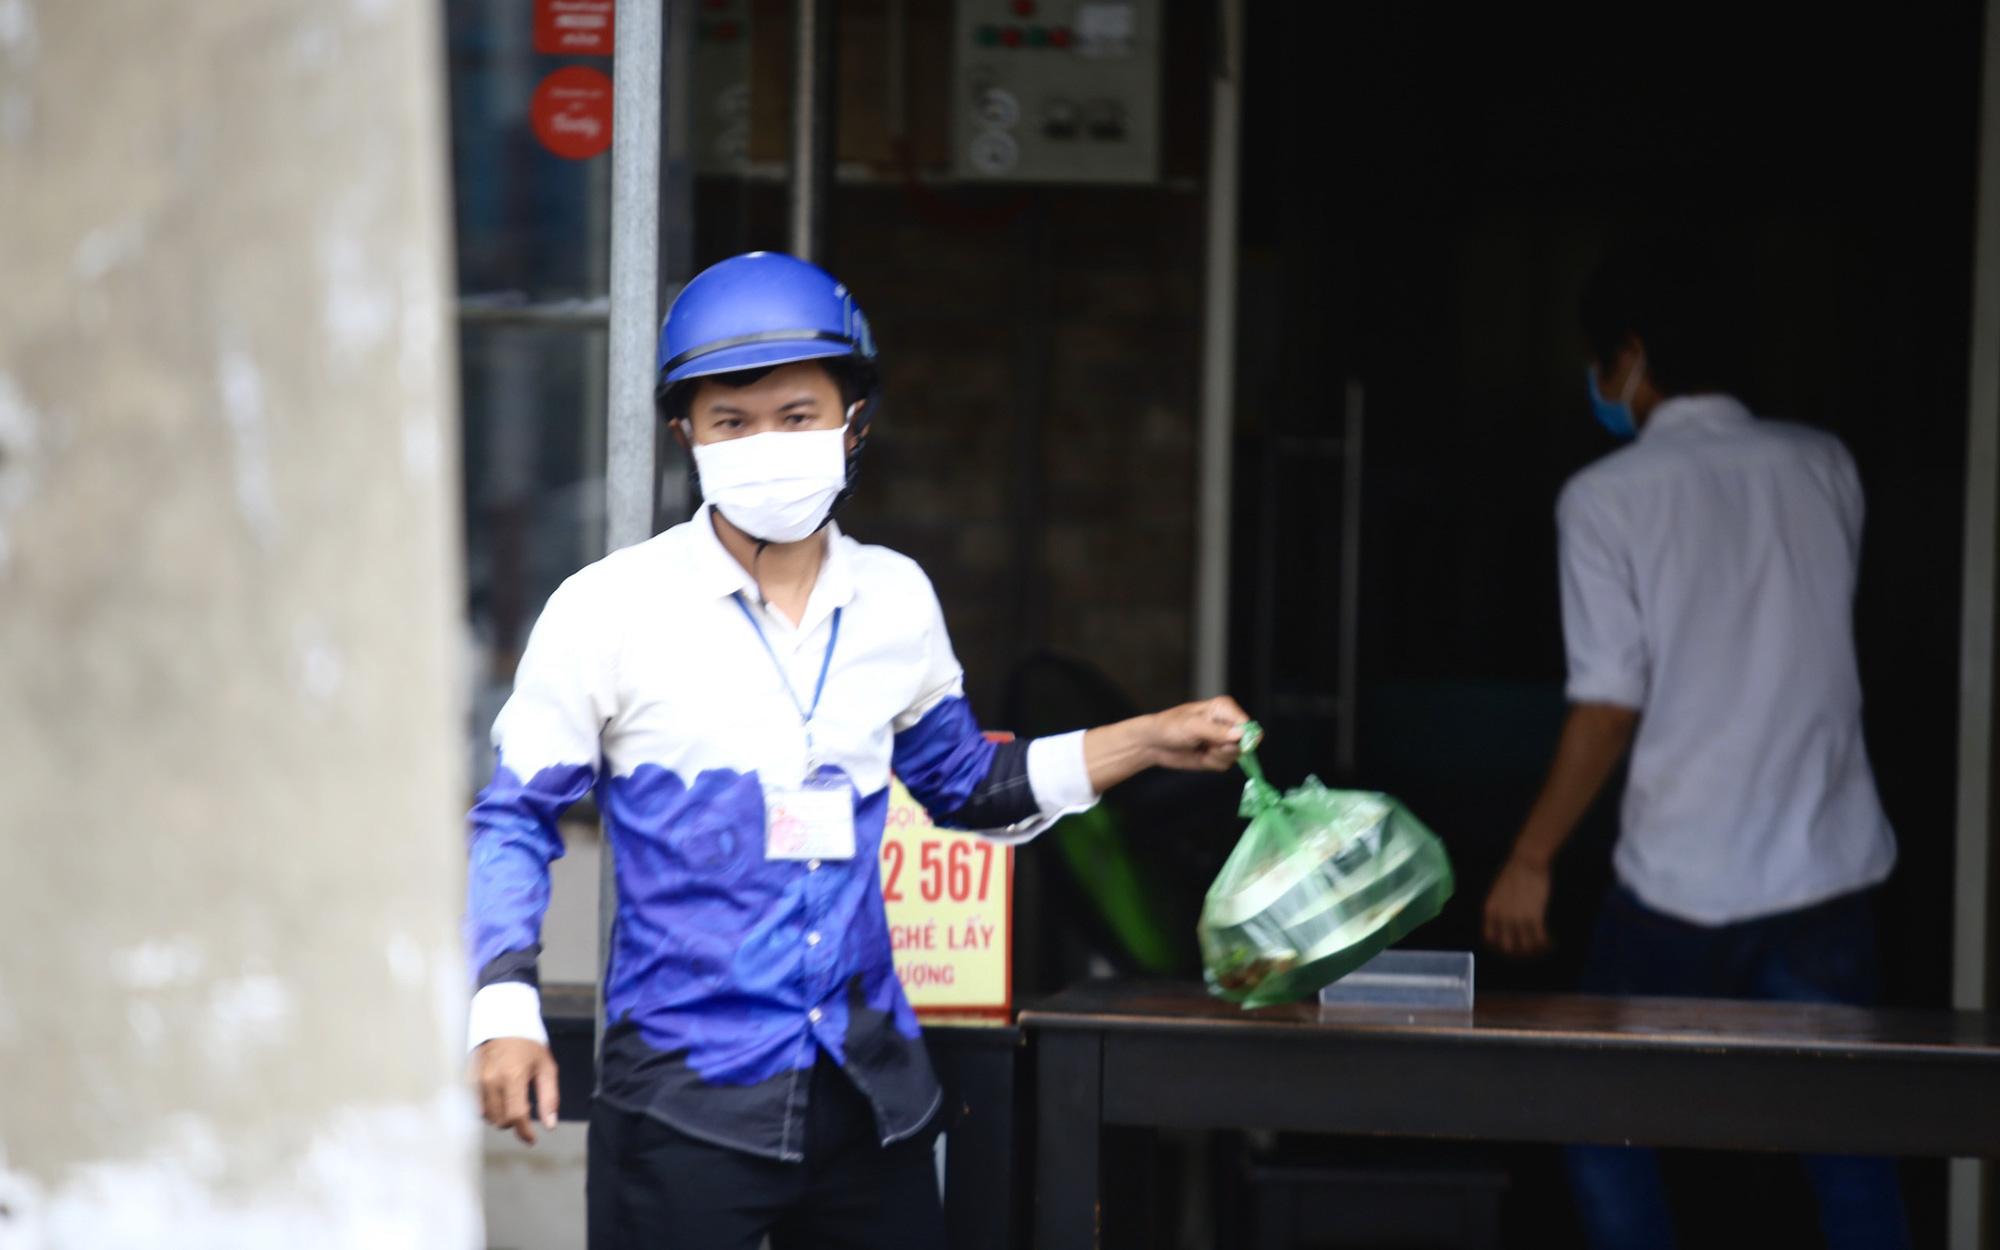 """Bình Dương: Nhiều quán hàng ở """"vùng xanh"""" tái khởi động sau nhiều tháng đóng cửa vì dịch Covid-19"""